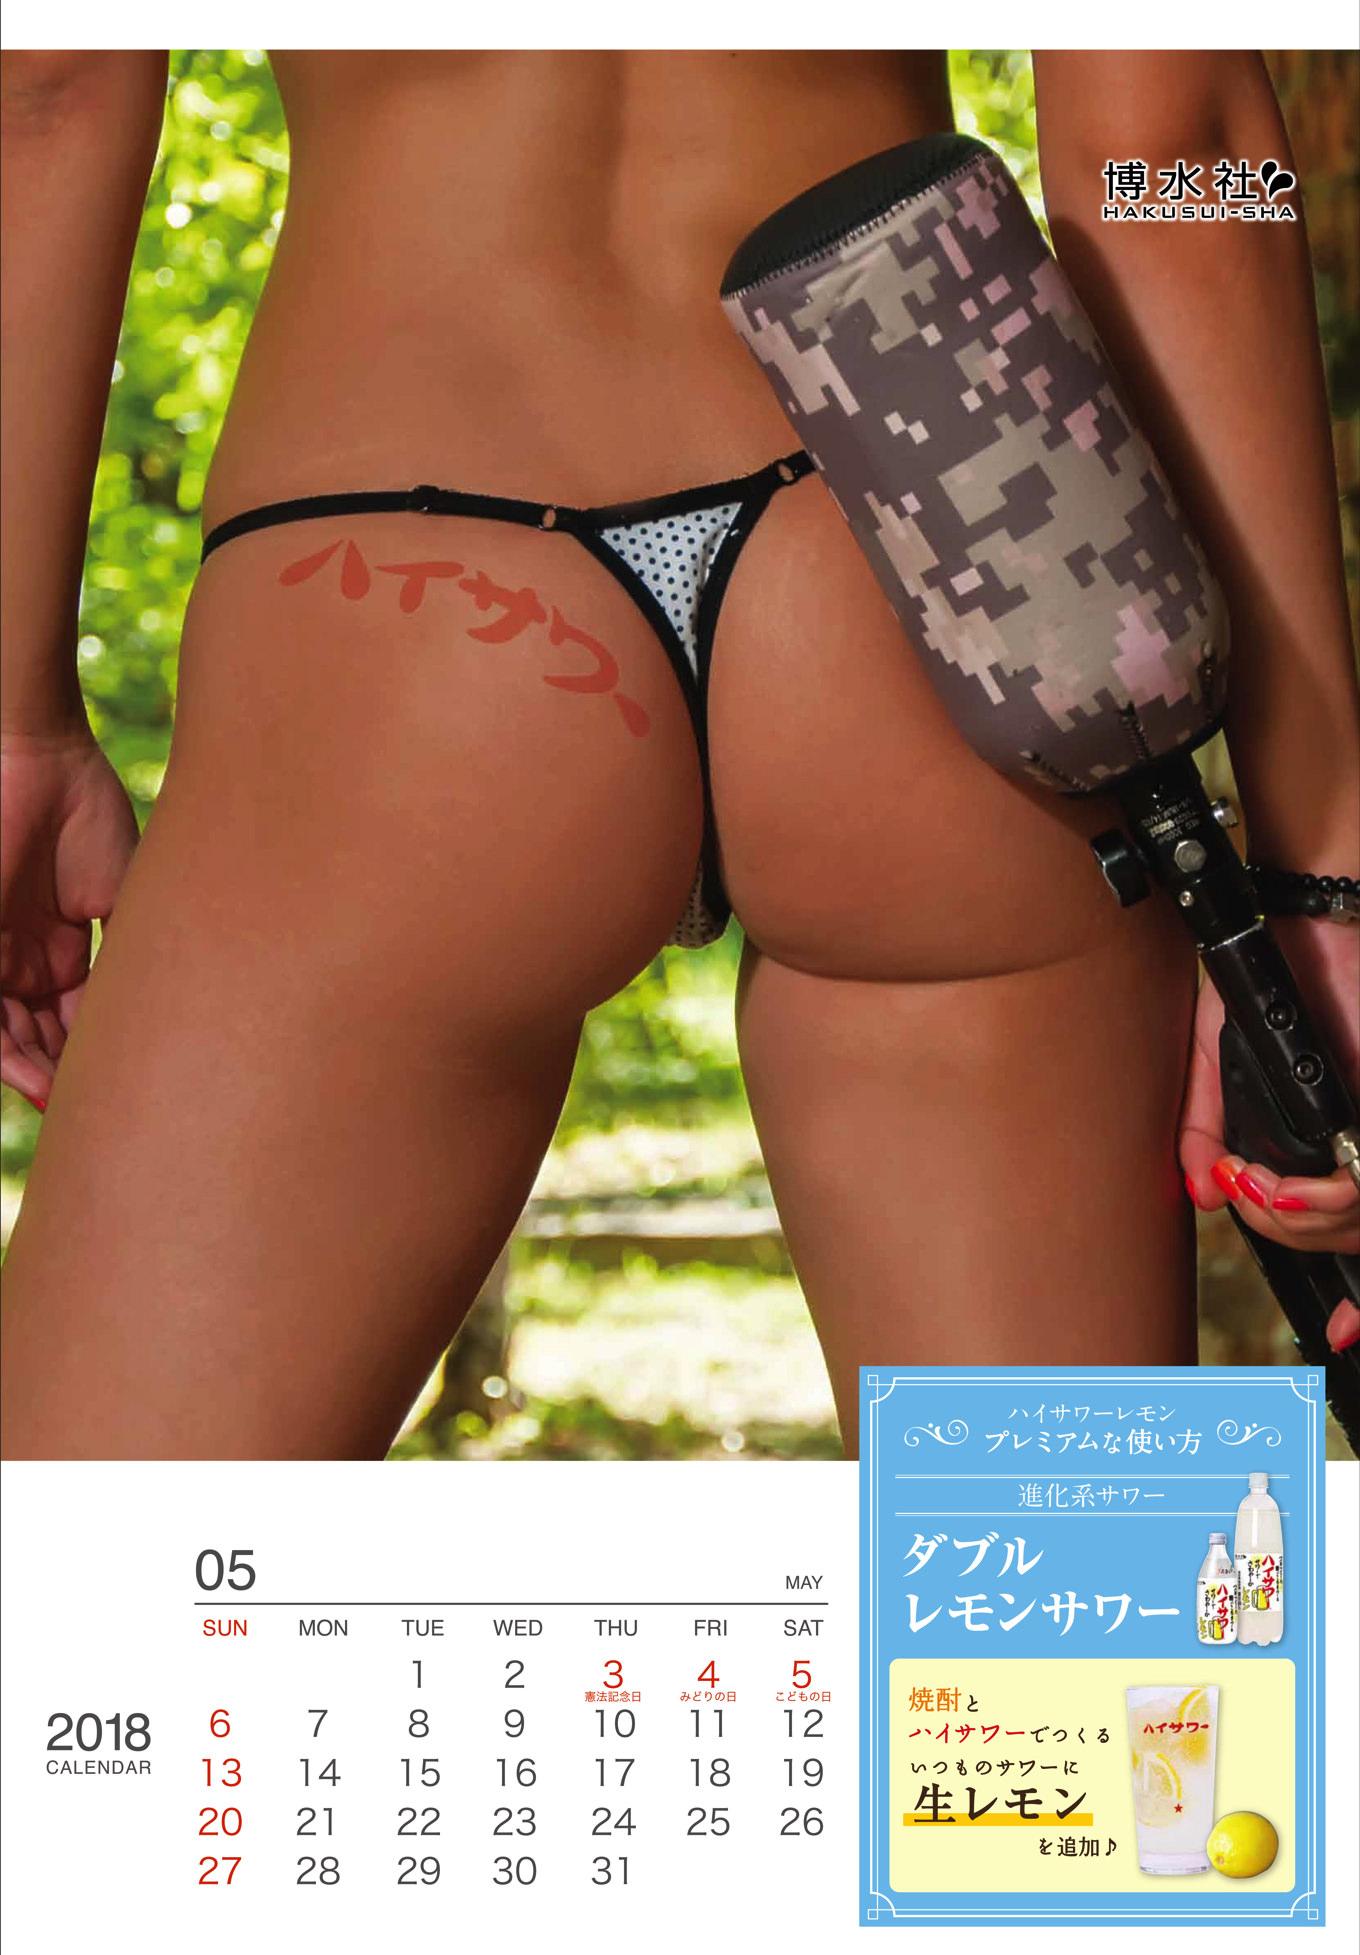 【5月】美尻カレンダー2018_13枚版